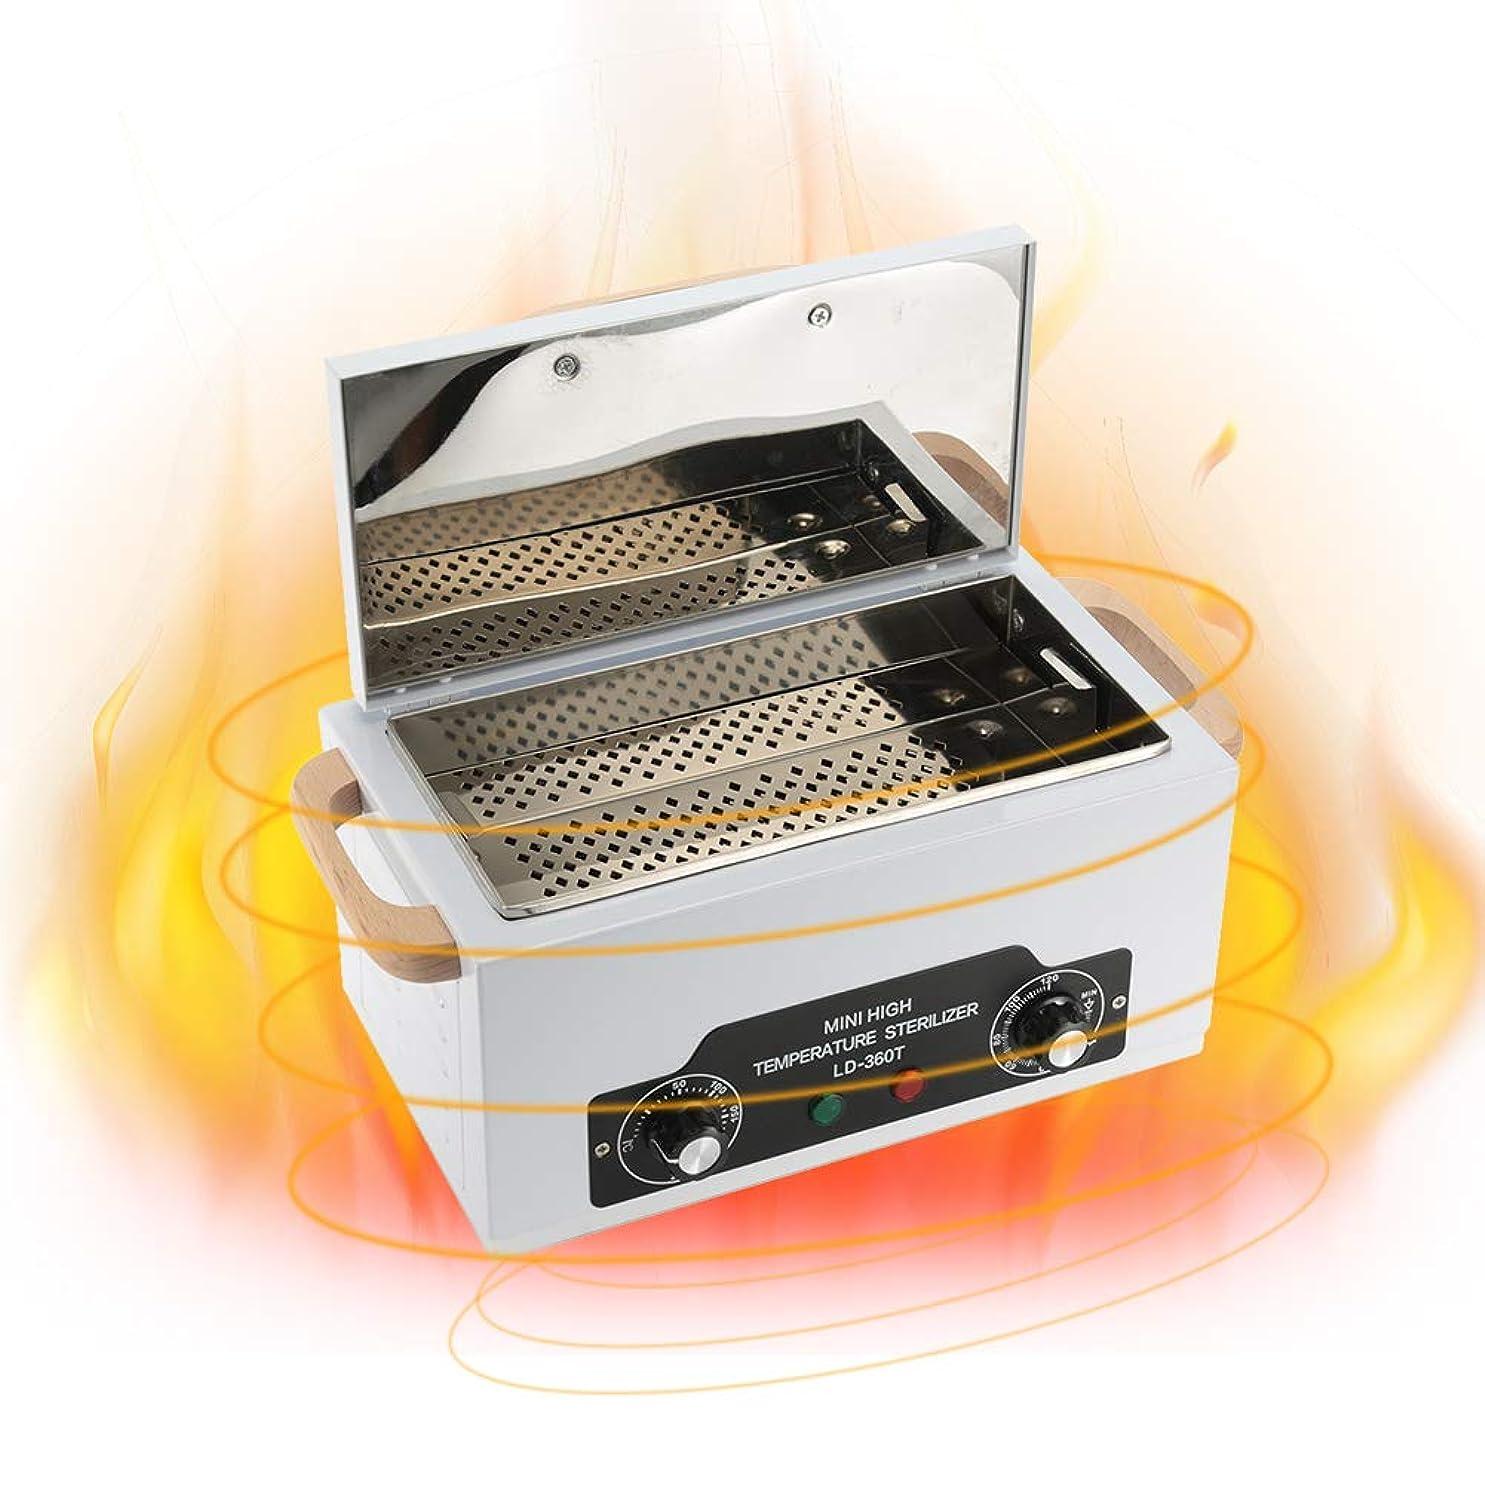 差別する柱管理ネイルツール滅菌ボックス 高温滅菌器 ネイルツール 歯科用器具用 取り外し可能 ステンレス(1)